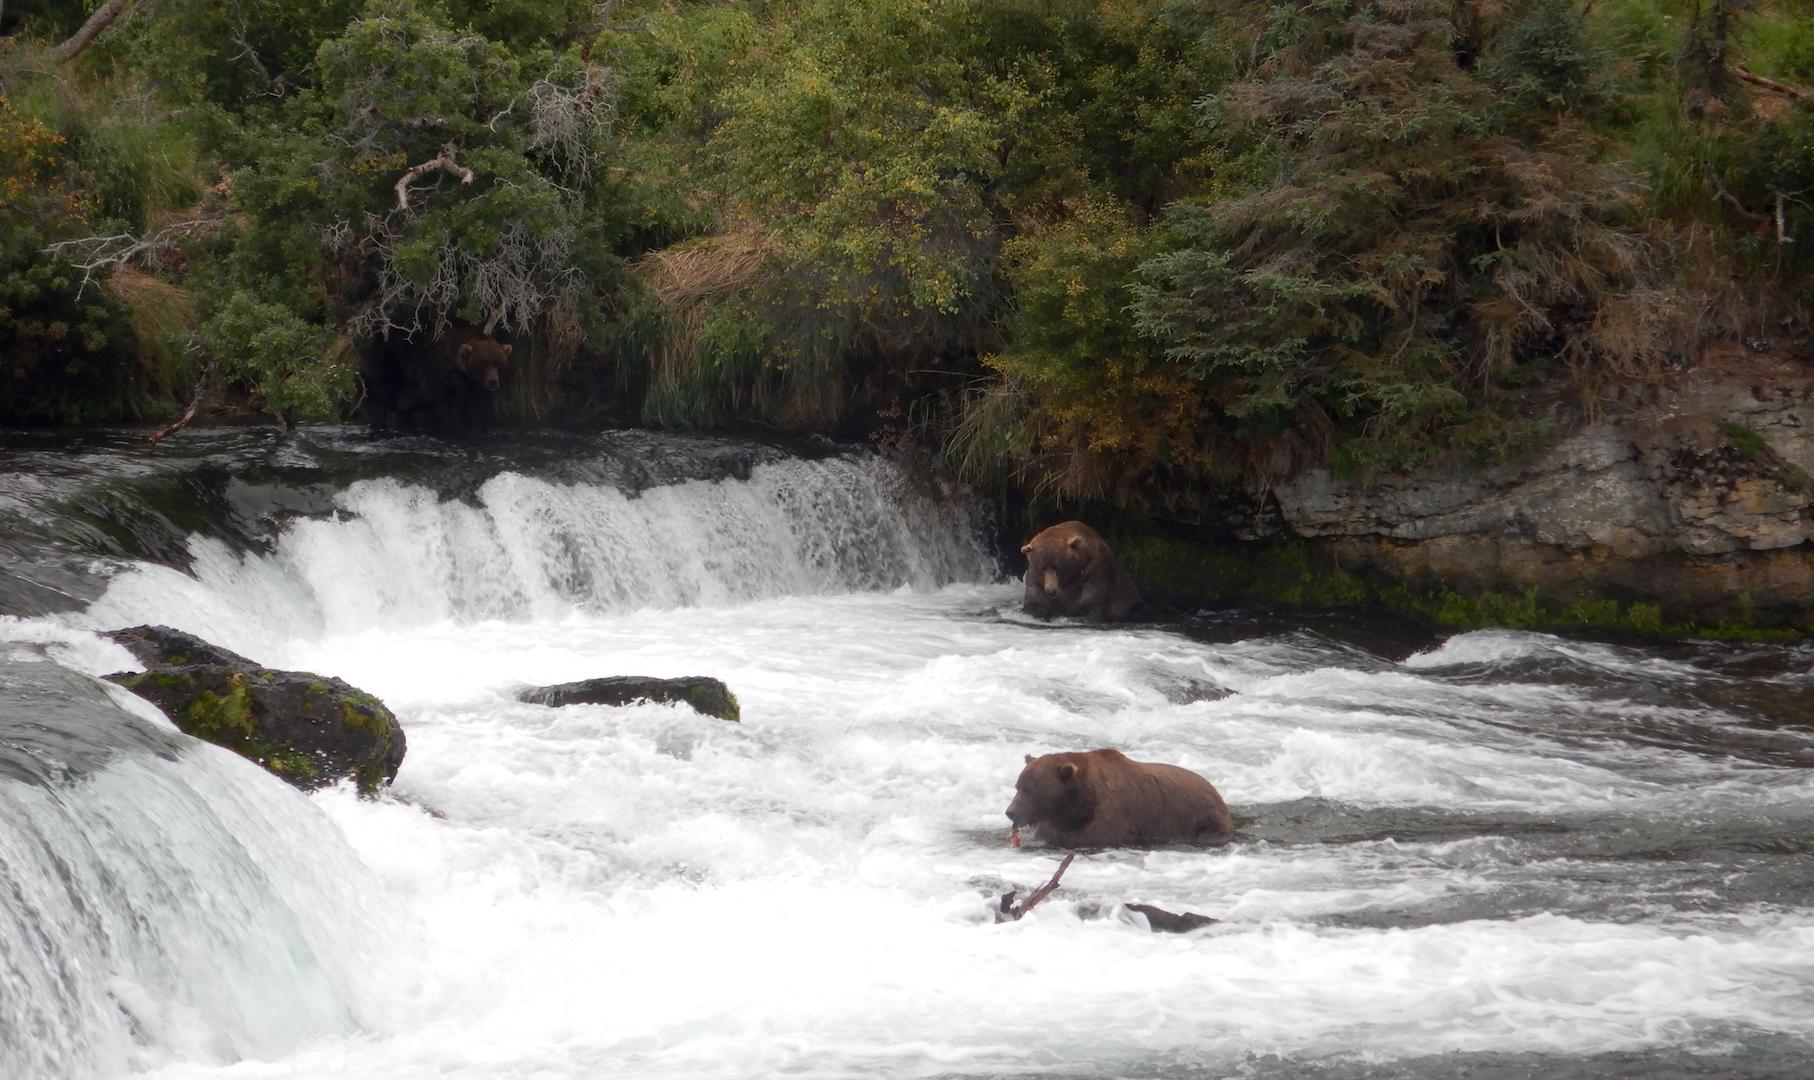 bears fishing at waterfall